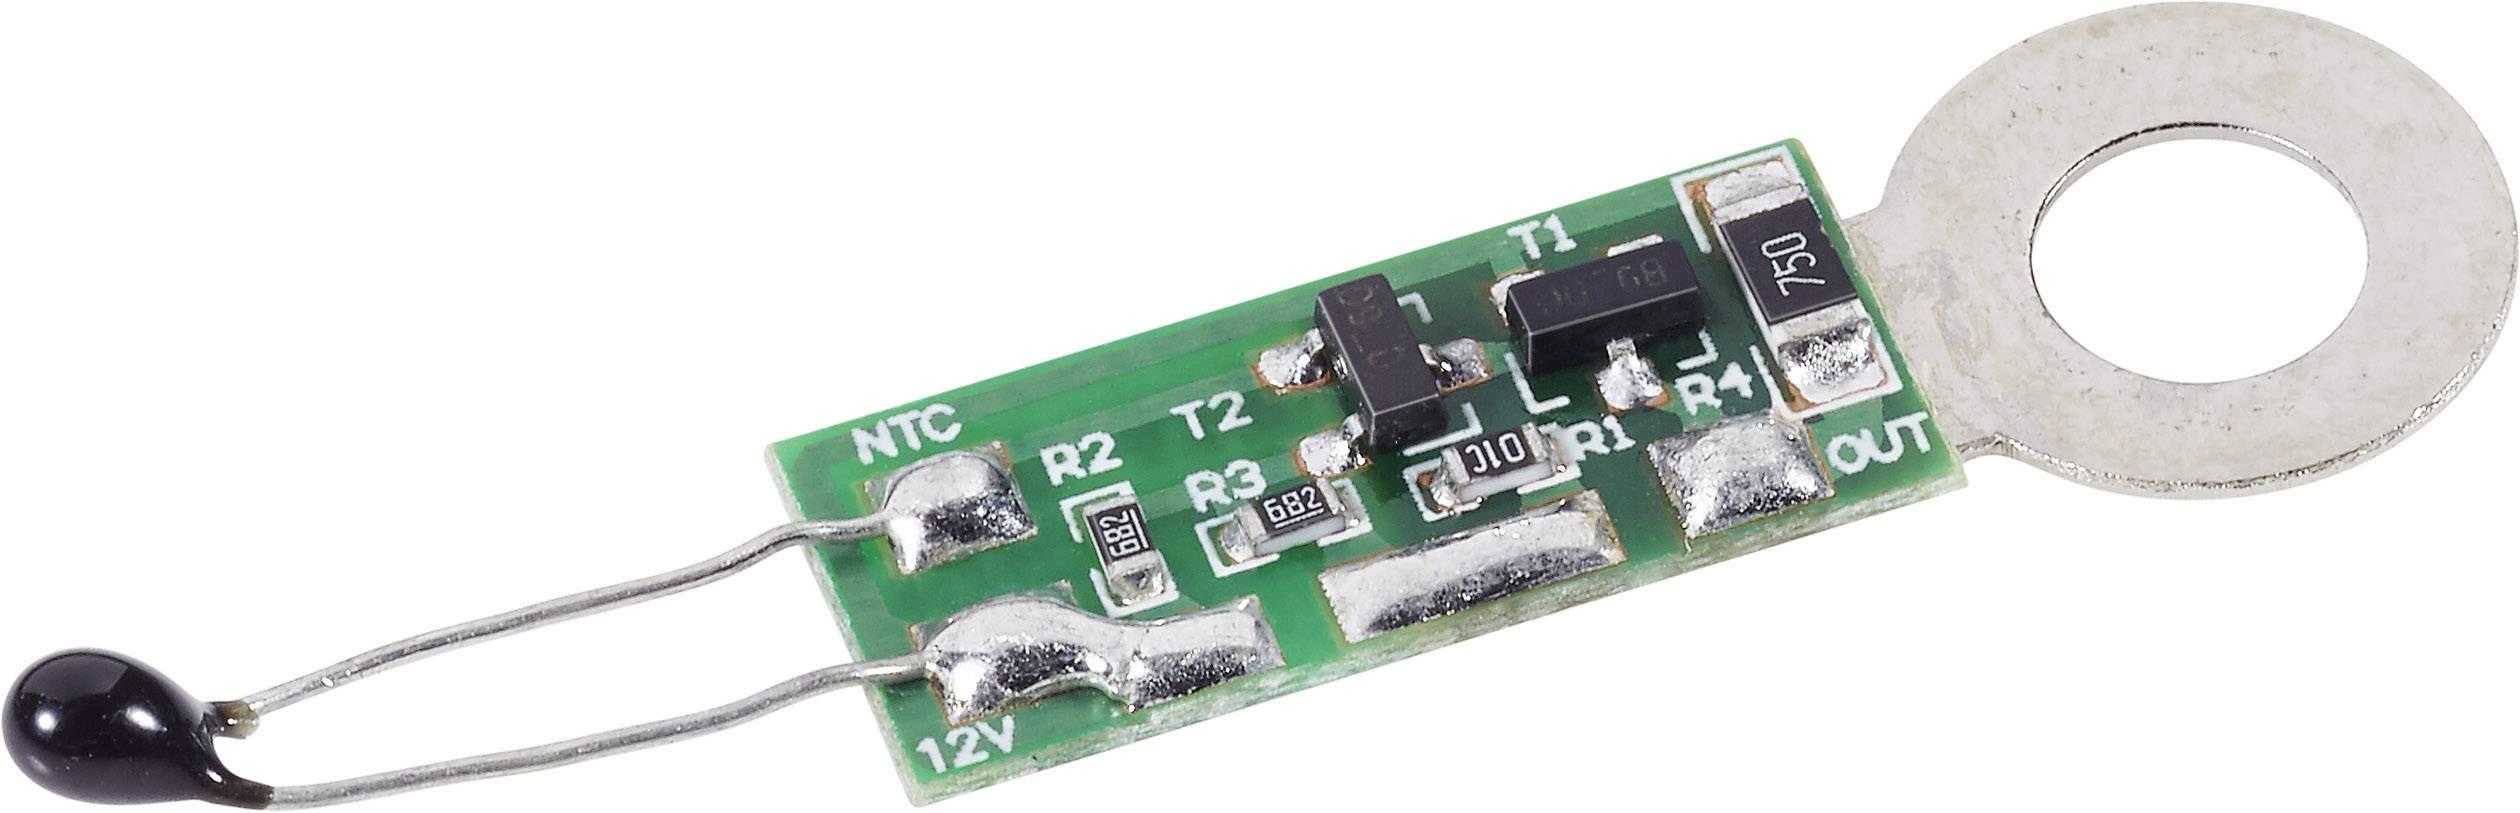 Teplotně řízená regulace ventilátoru H-Tronic, 12 V/DC (modul)